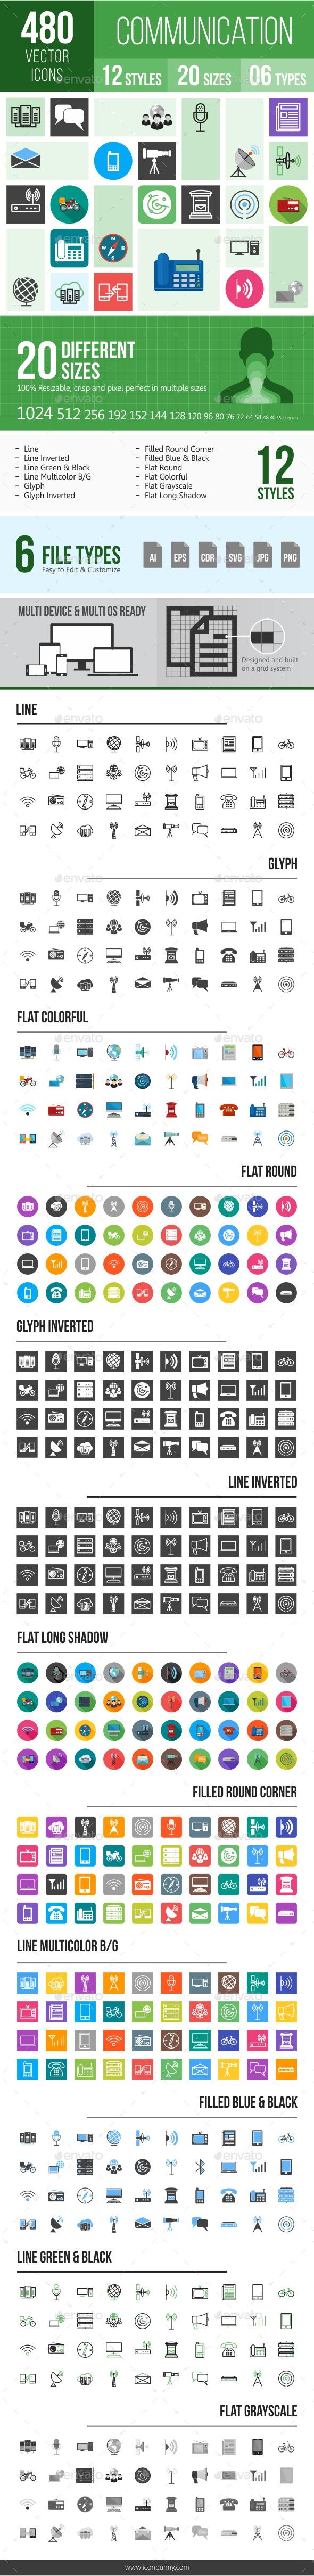 480 Communication Icons